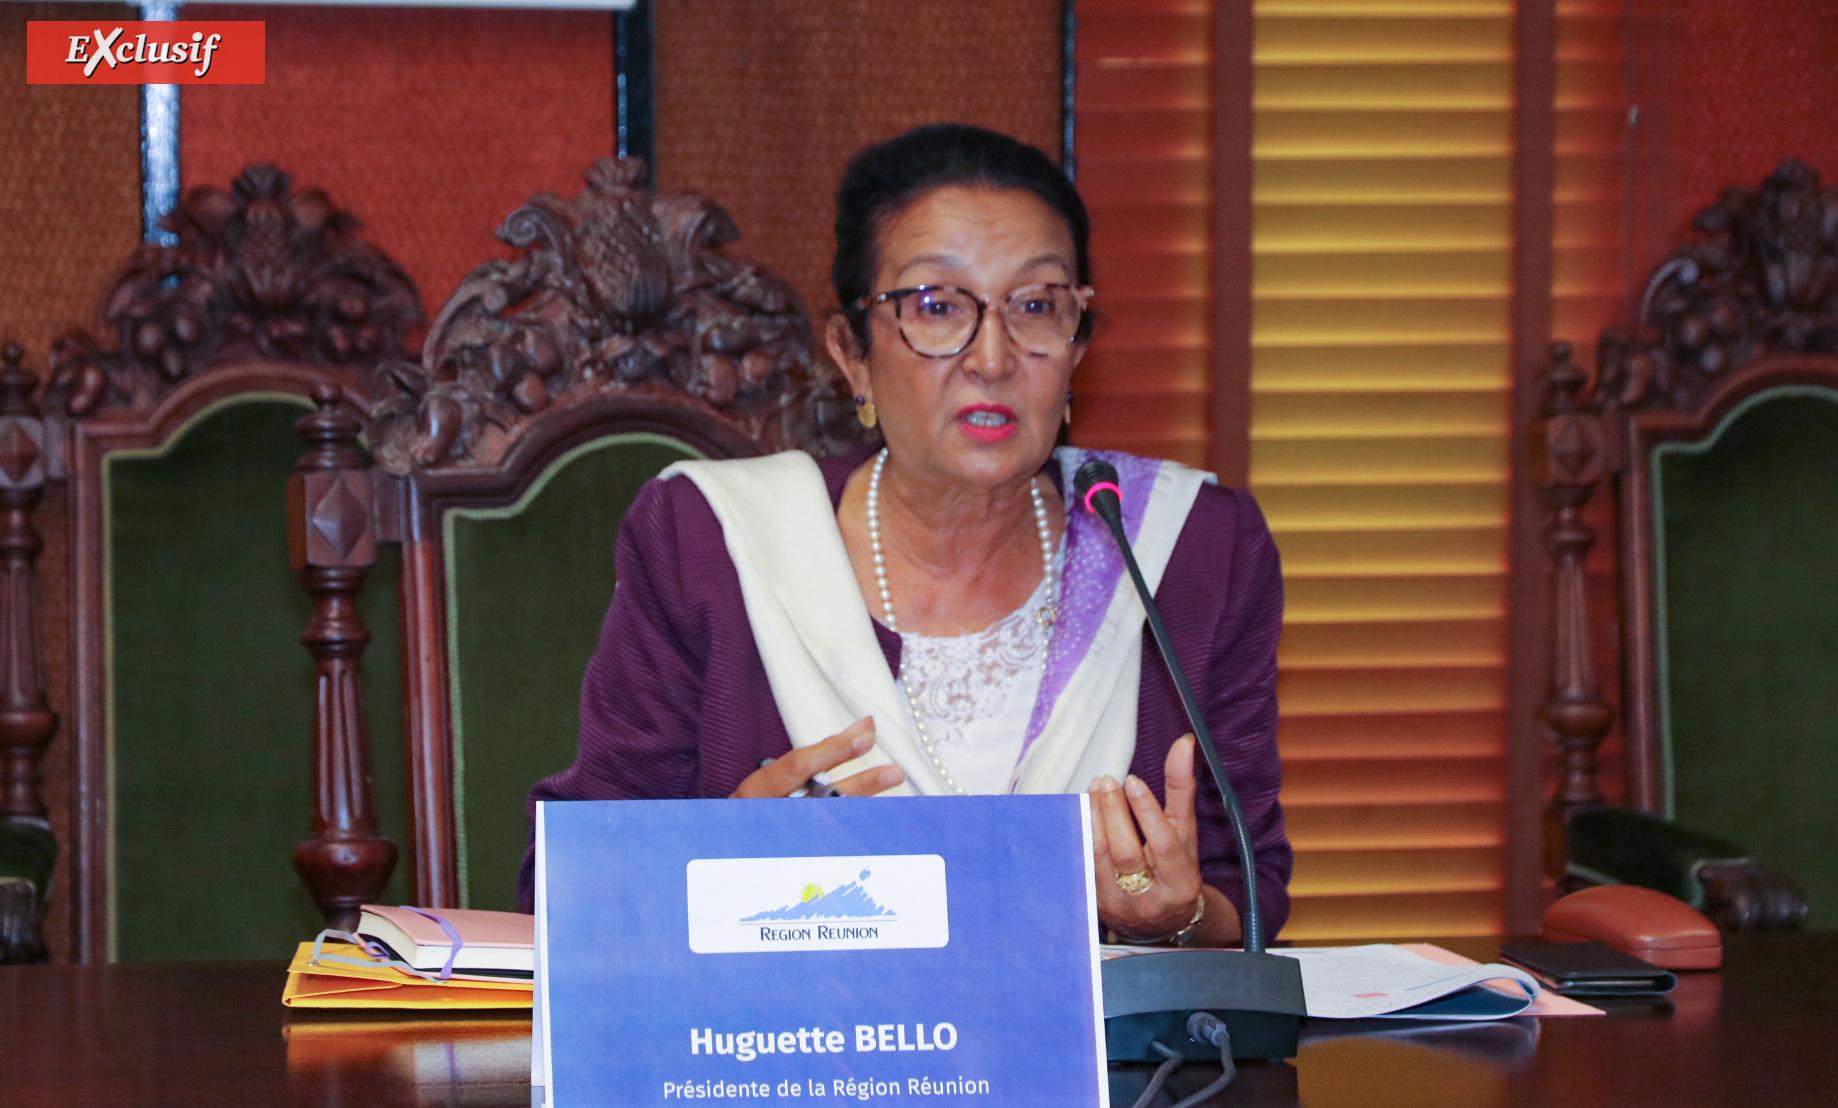 Huguette Bello, présidente de la Région Réunion